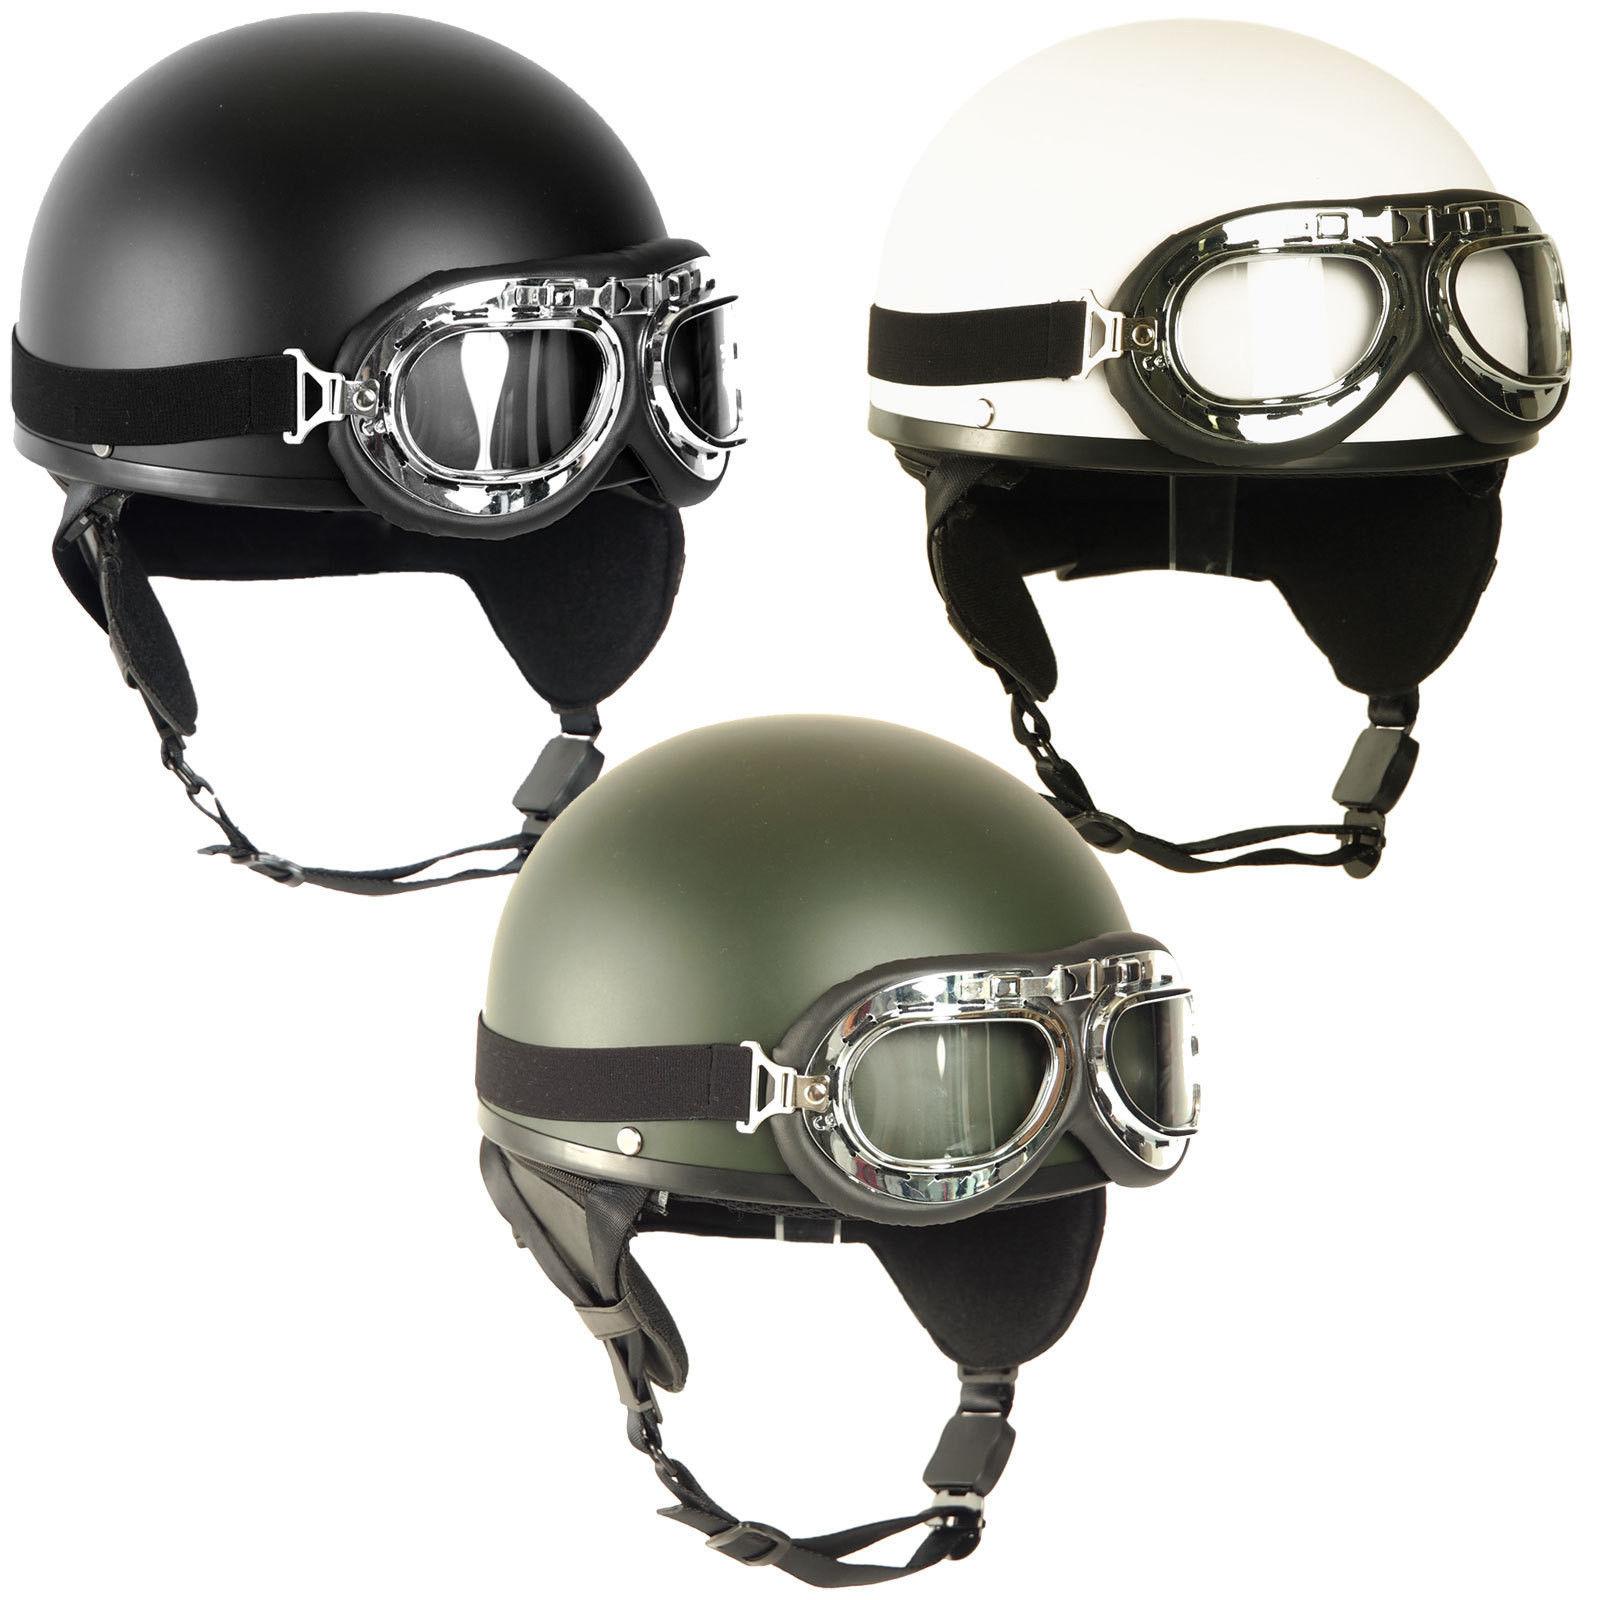 retro helm halbschale mit brille gr s l oldtimer helm ddr moped motorradhelm ebay. Black Bedroom Furniture Sets. Home Design Ideas